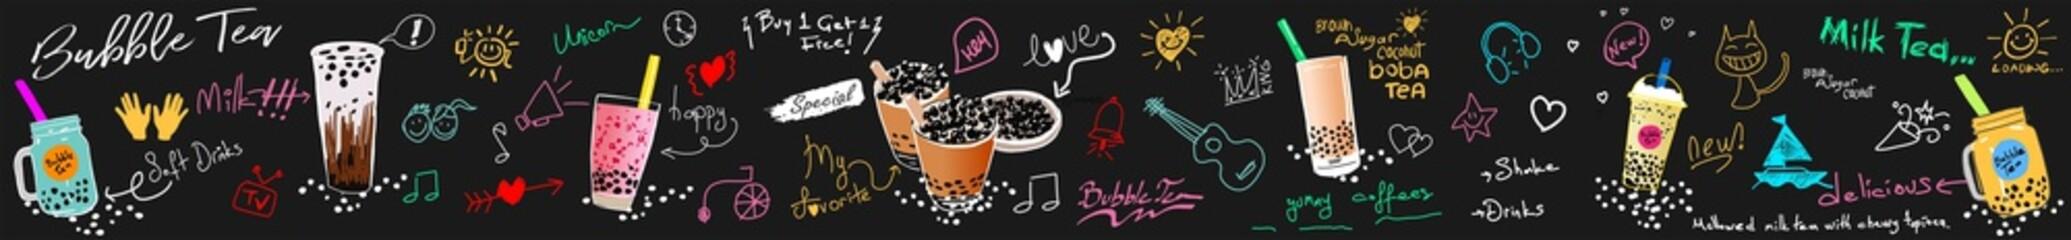 Bubble milk tea, Pearl milk tea , Different sorts of Boba. Yummy drinks. Ads with delicious tapioca. Bubble milk tea Chalk Board Shop. Retro Menu Restaurant poster. Vector.